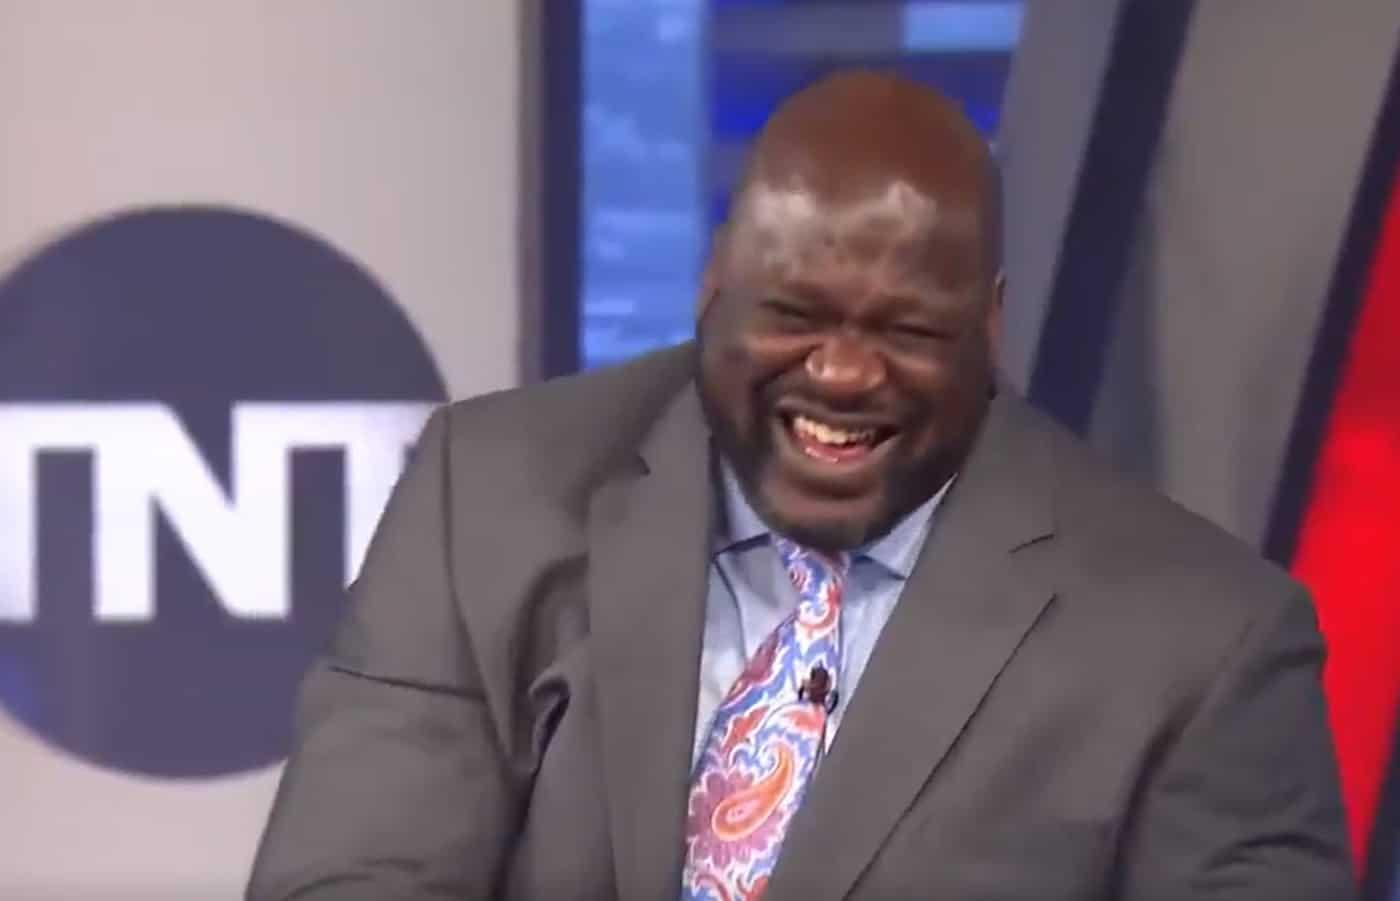 Shaq et Barkley pleurent de rire après l'embrouille Rockets-Clippers